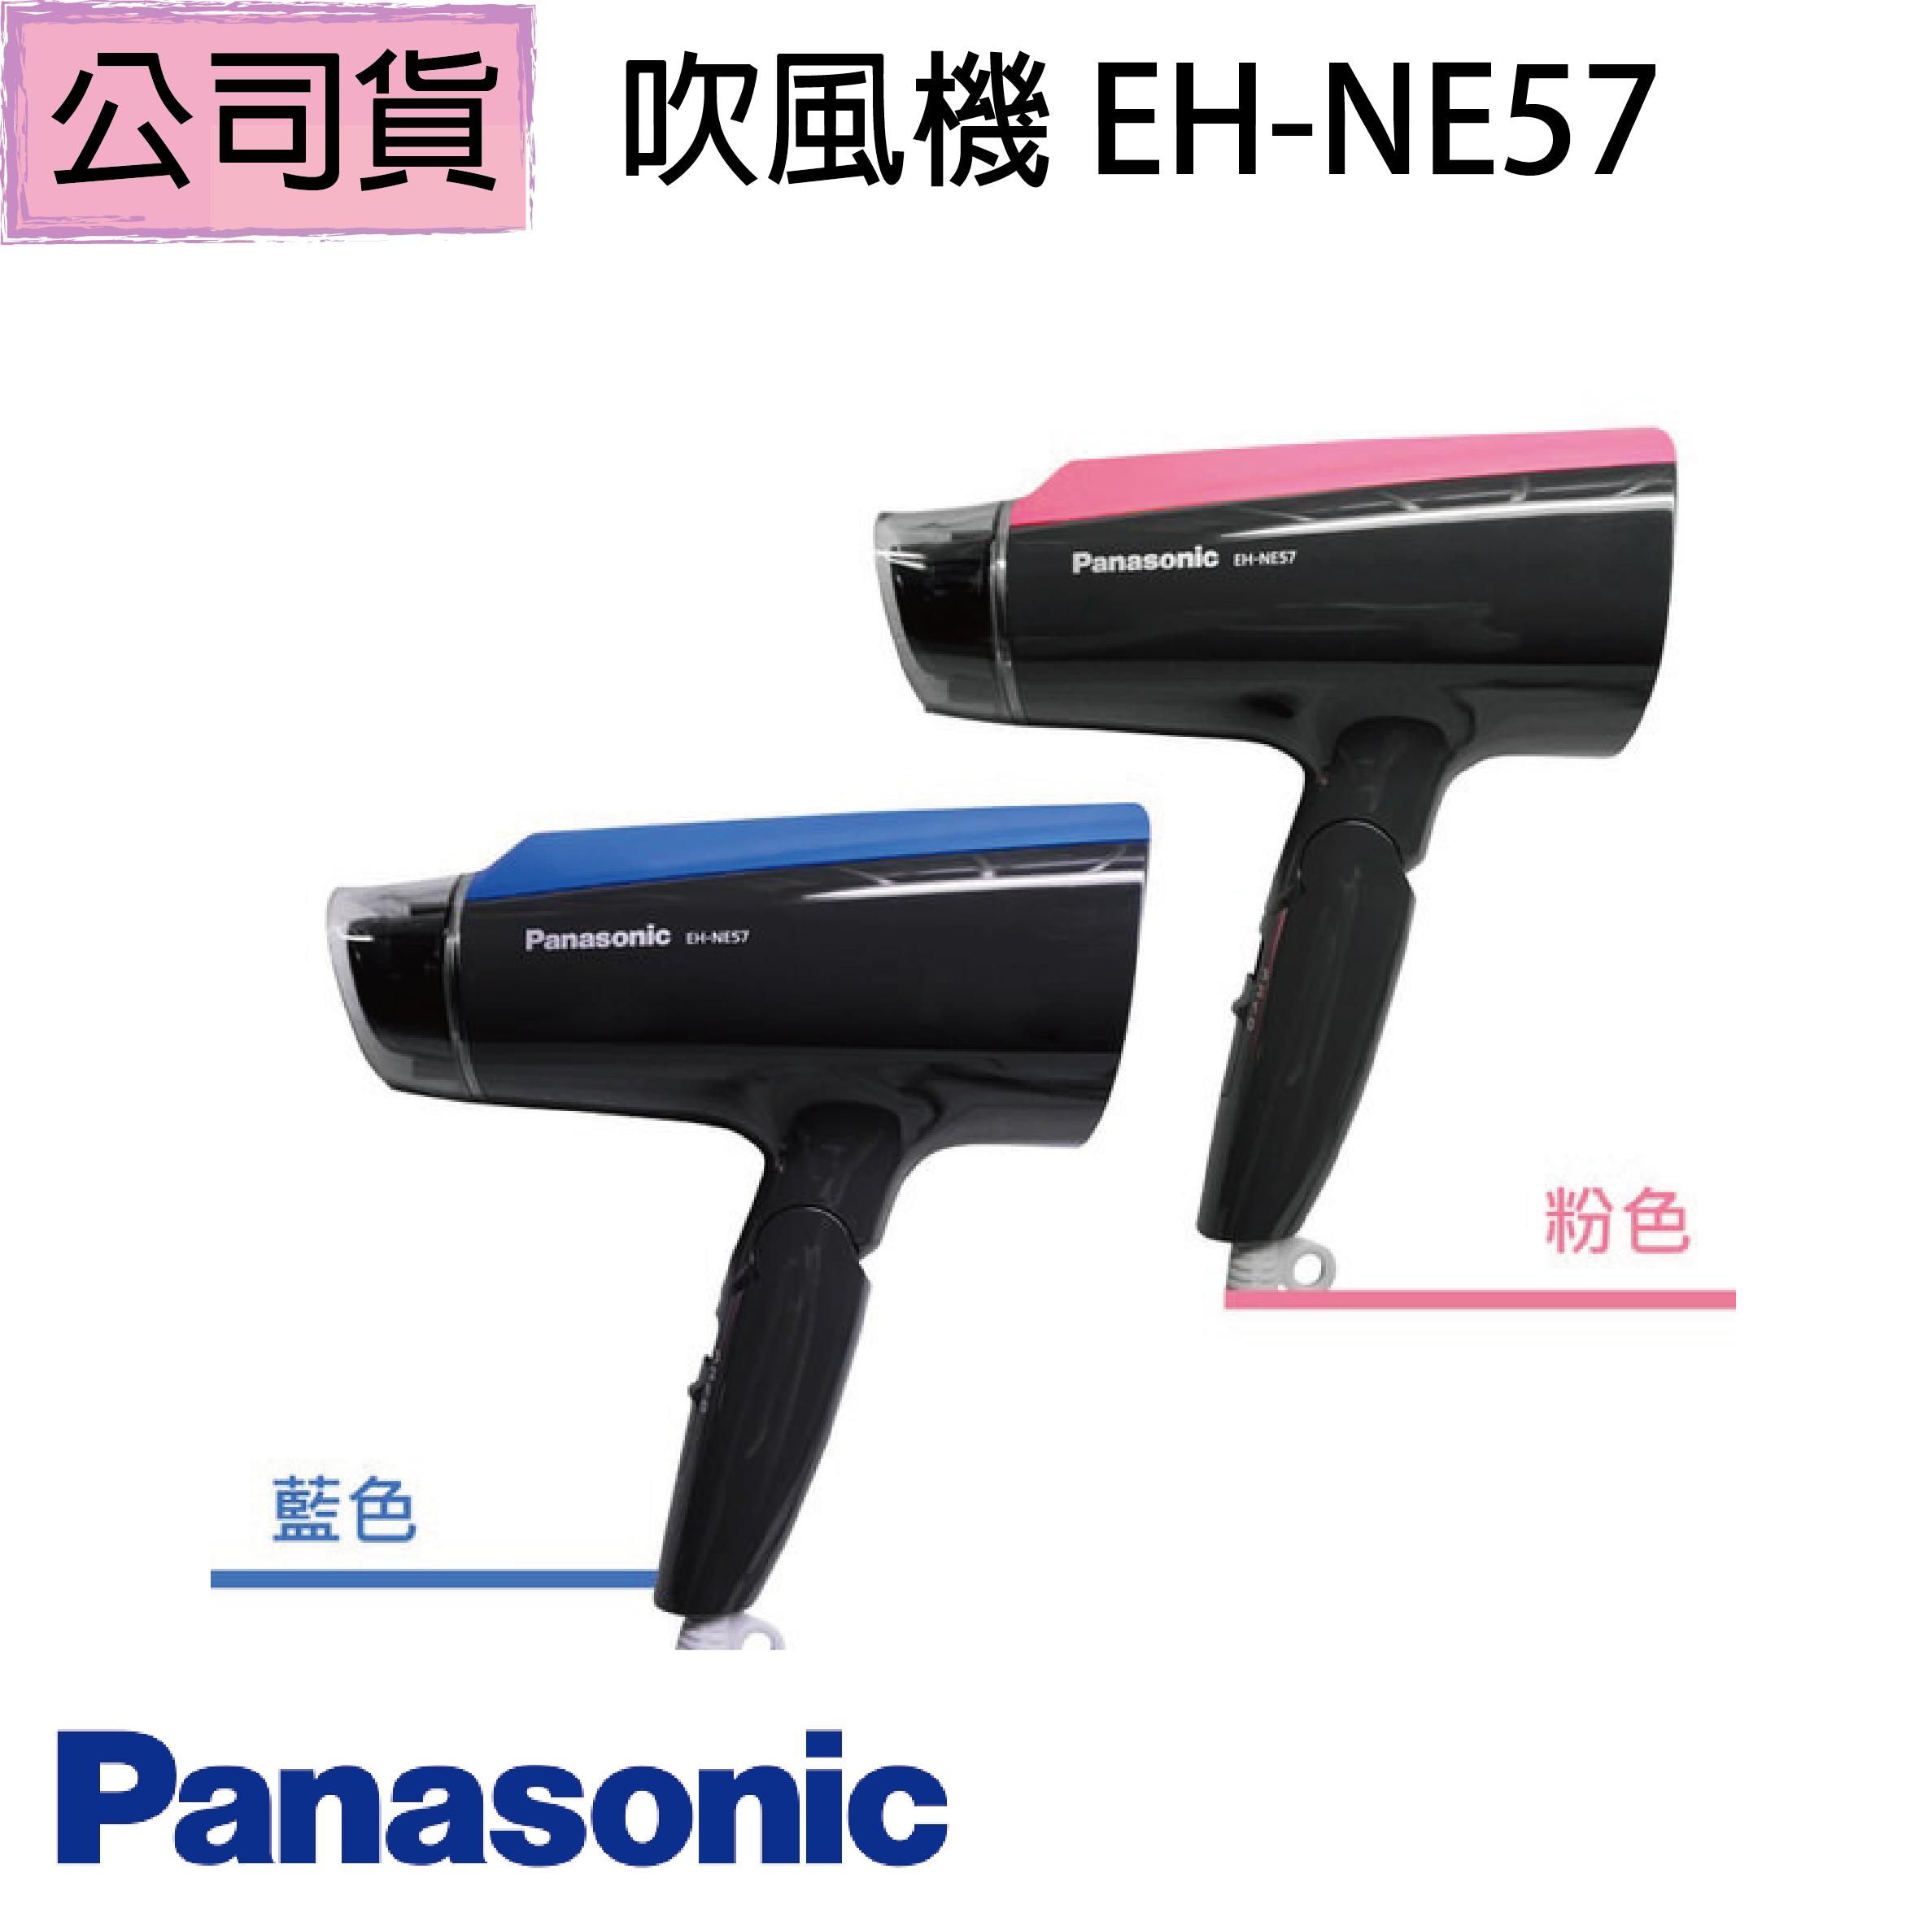 【Panasonic】國際牌 負離子吹風機EH-NE57 粉/藍(公司貨)